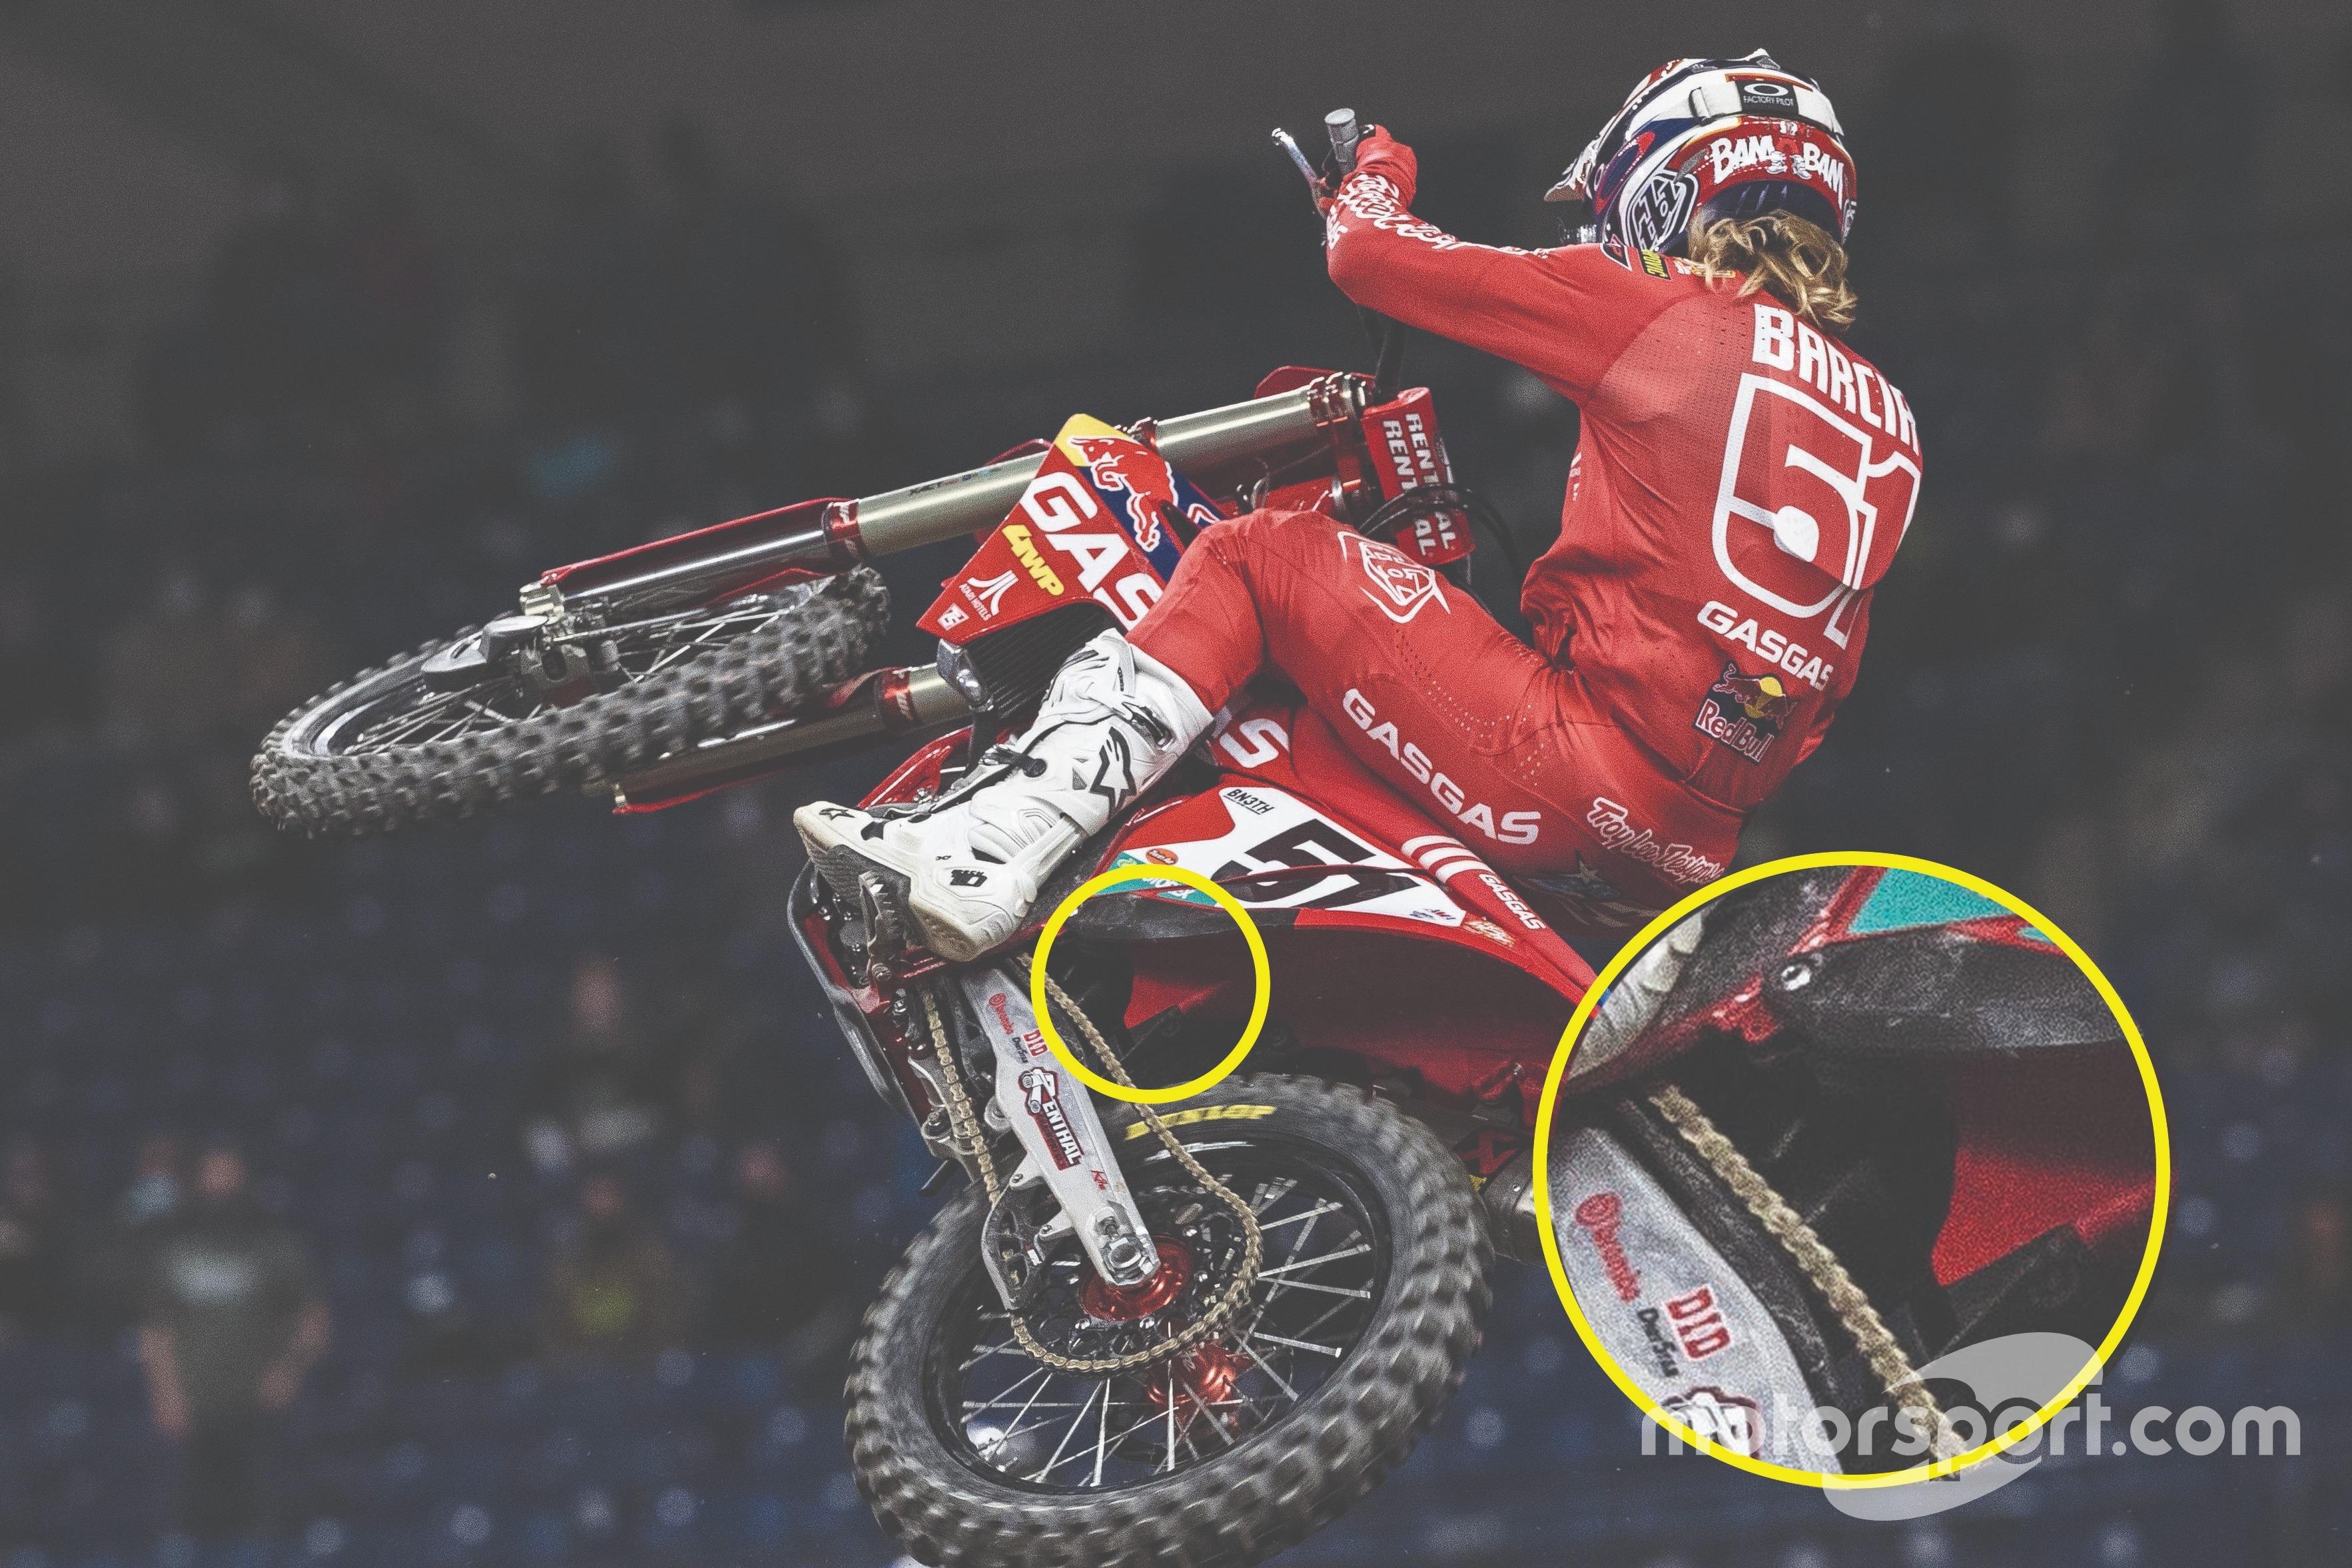 Justin Barcia en acción con, lo más claramente posible, el muelle neumático a la vista.